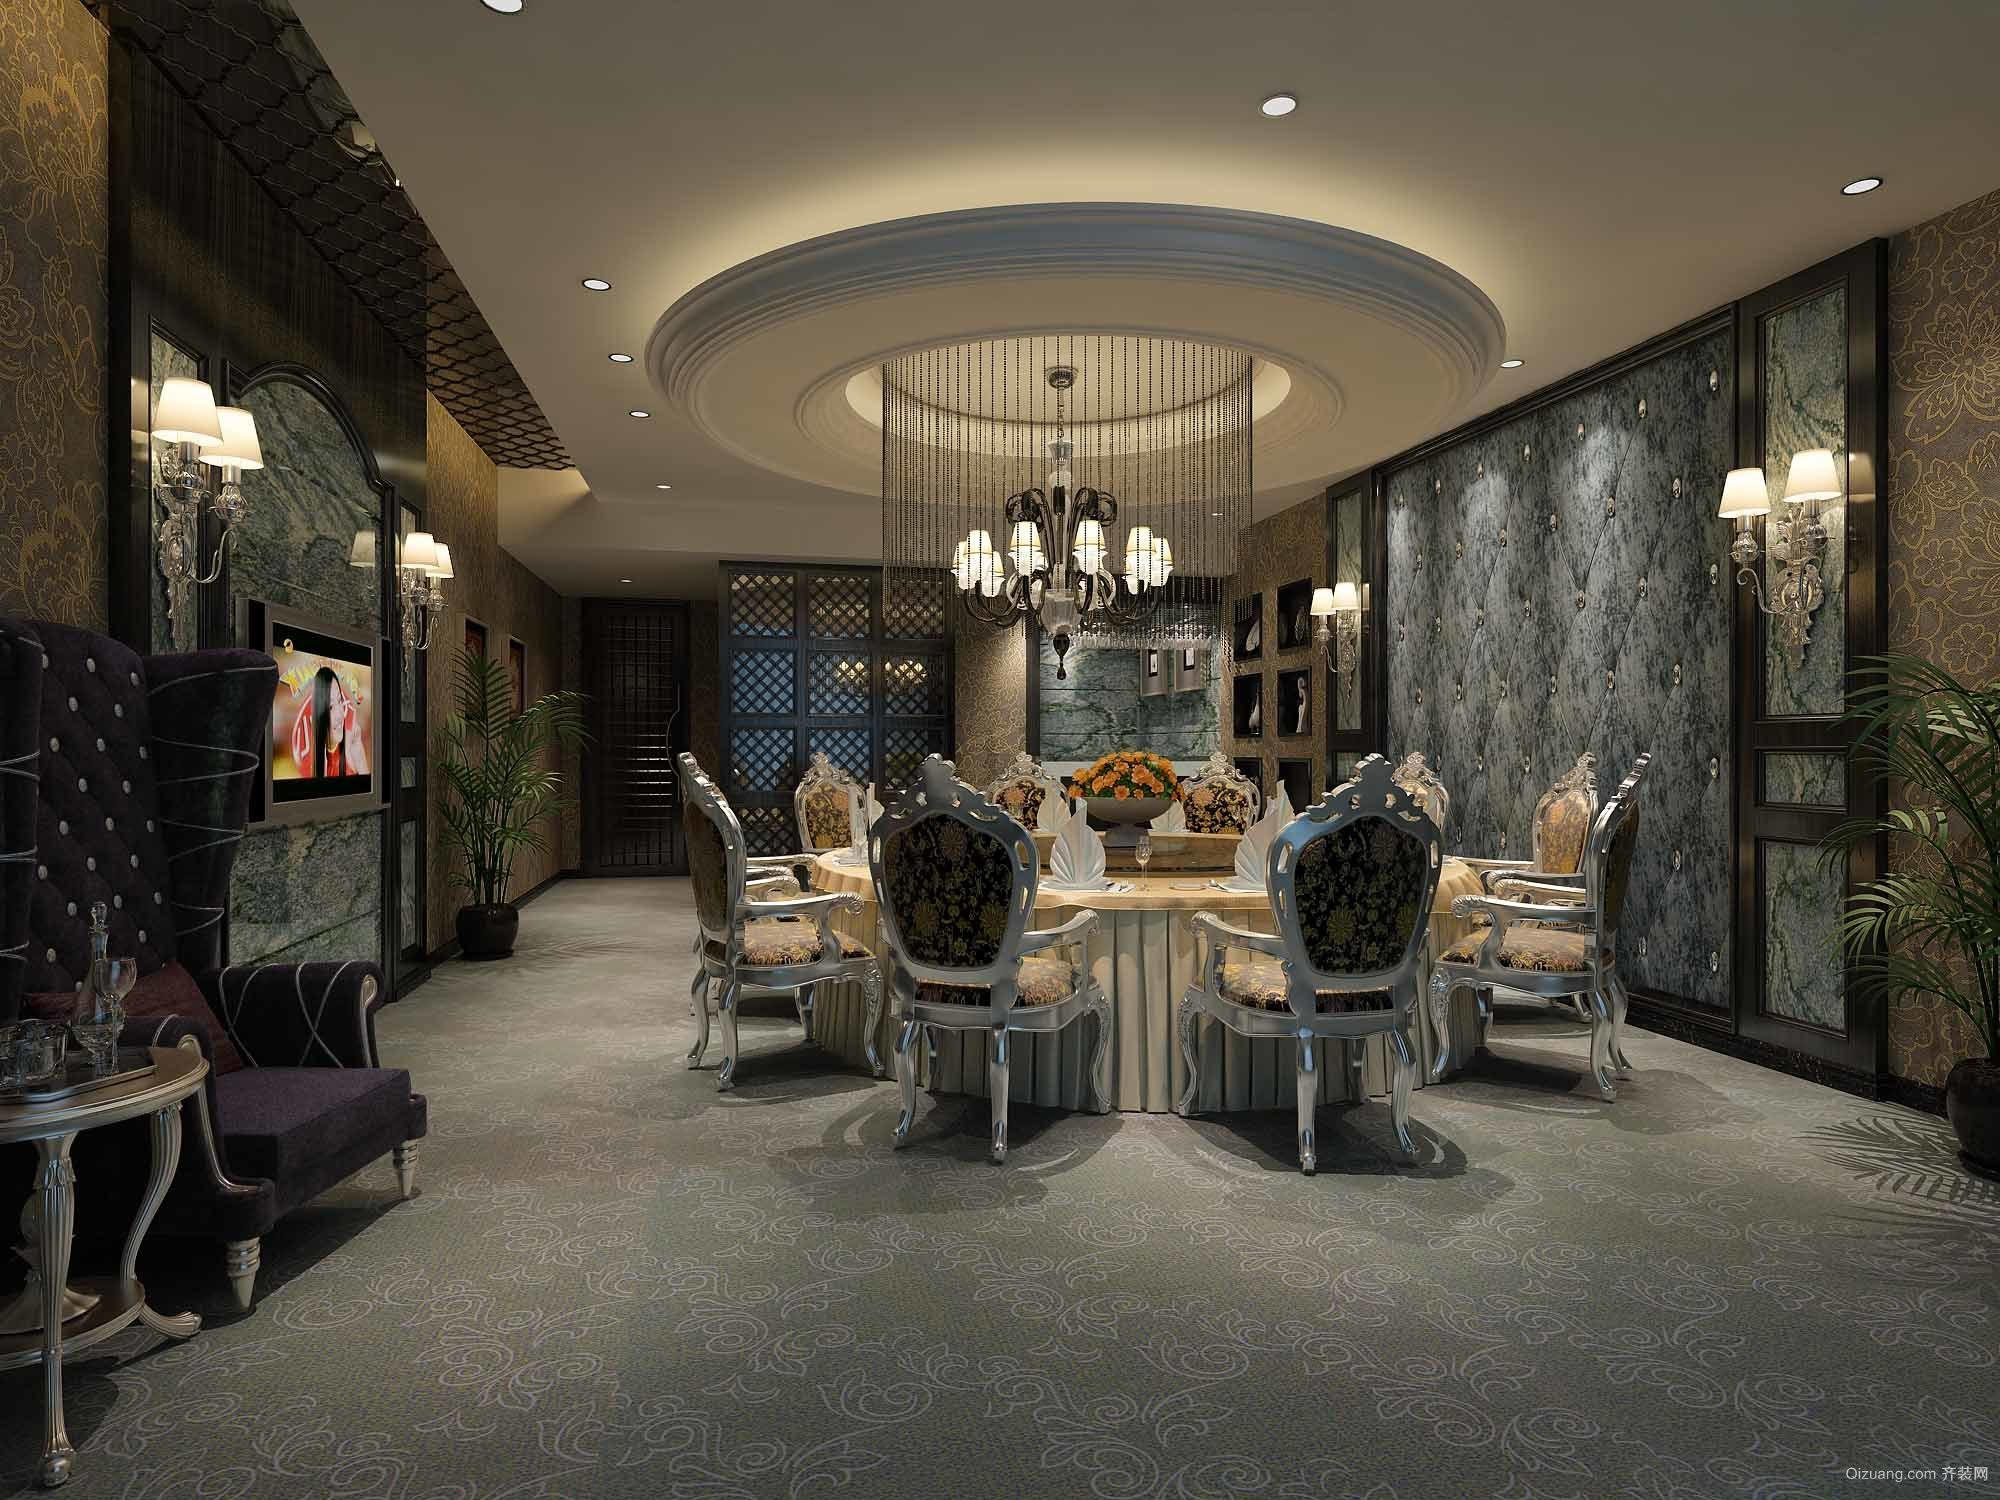 古典欧式风情超大型别墅餐厅设计效果图